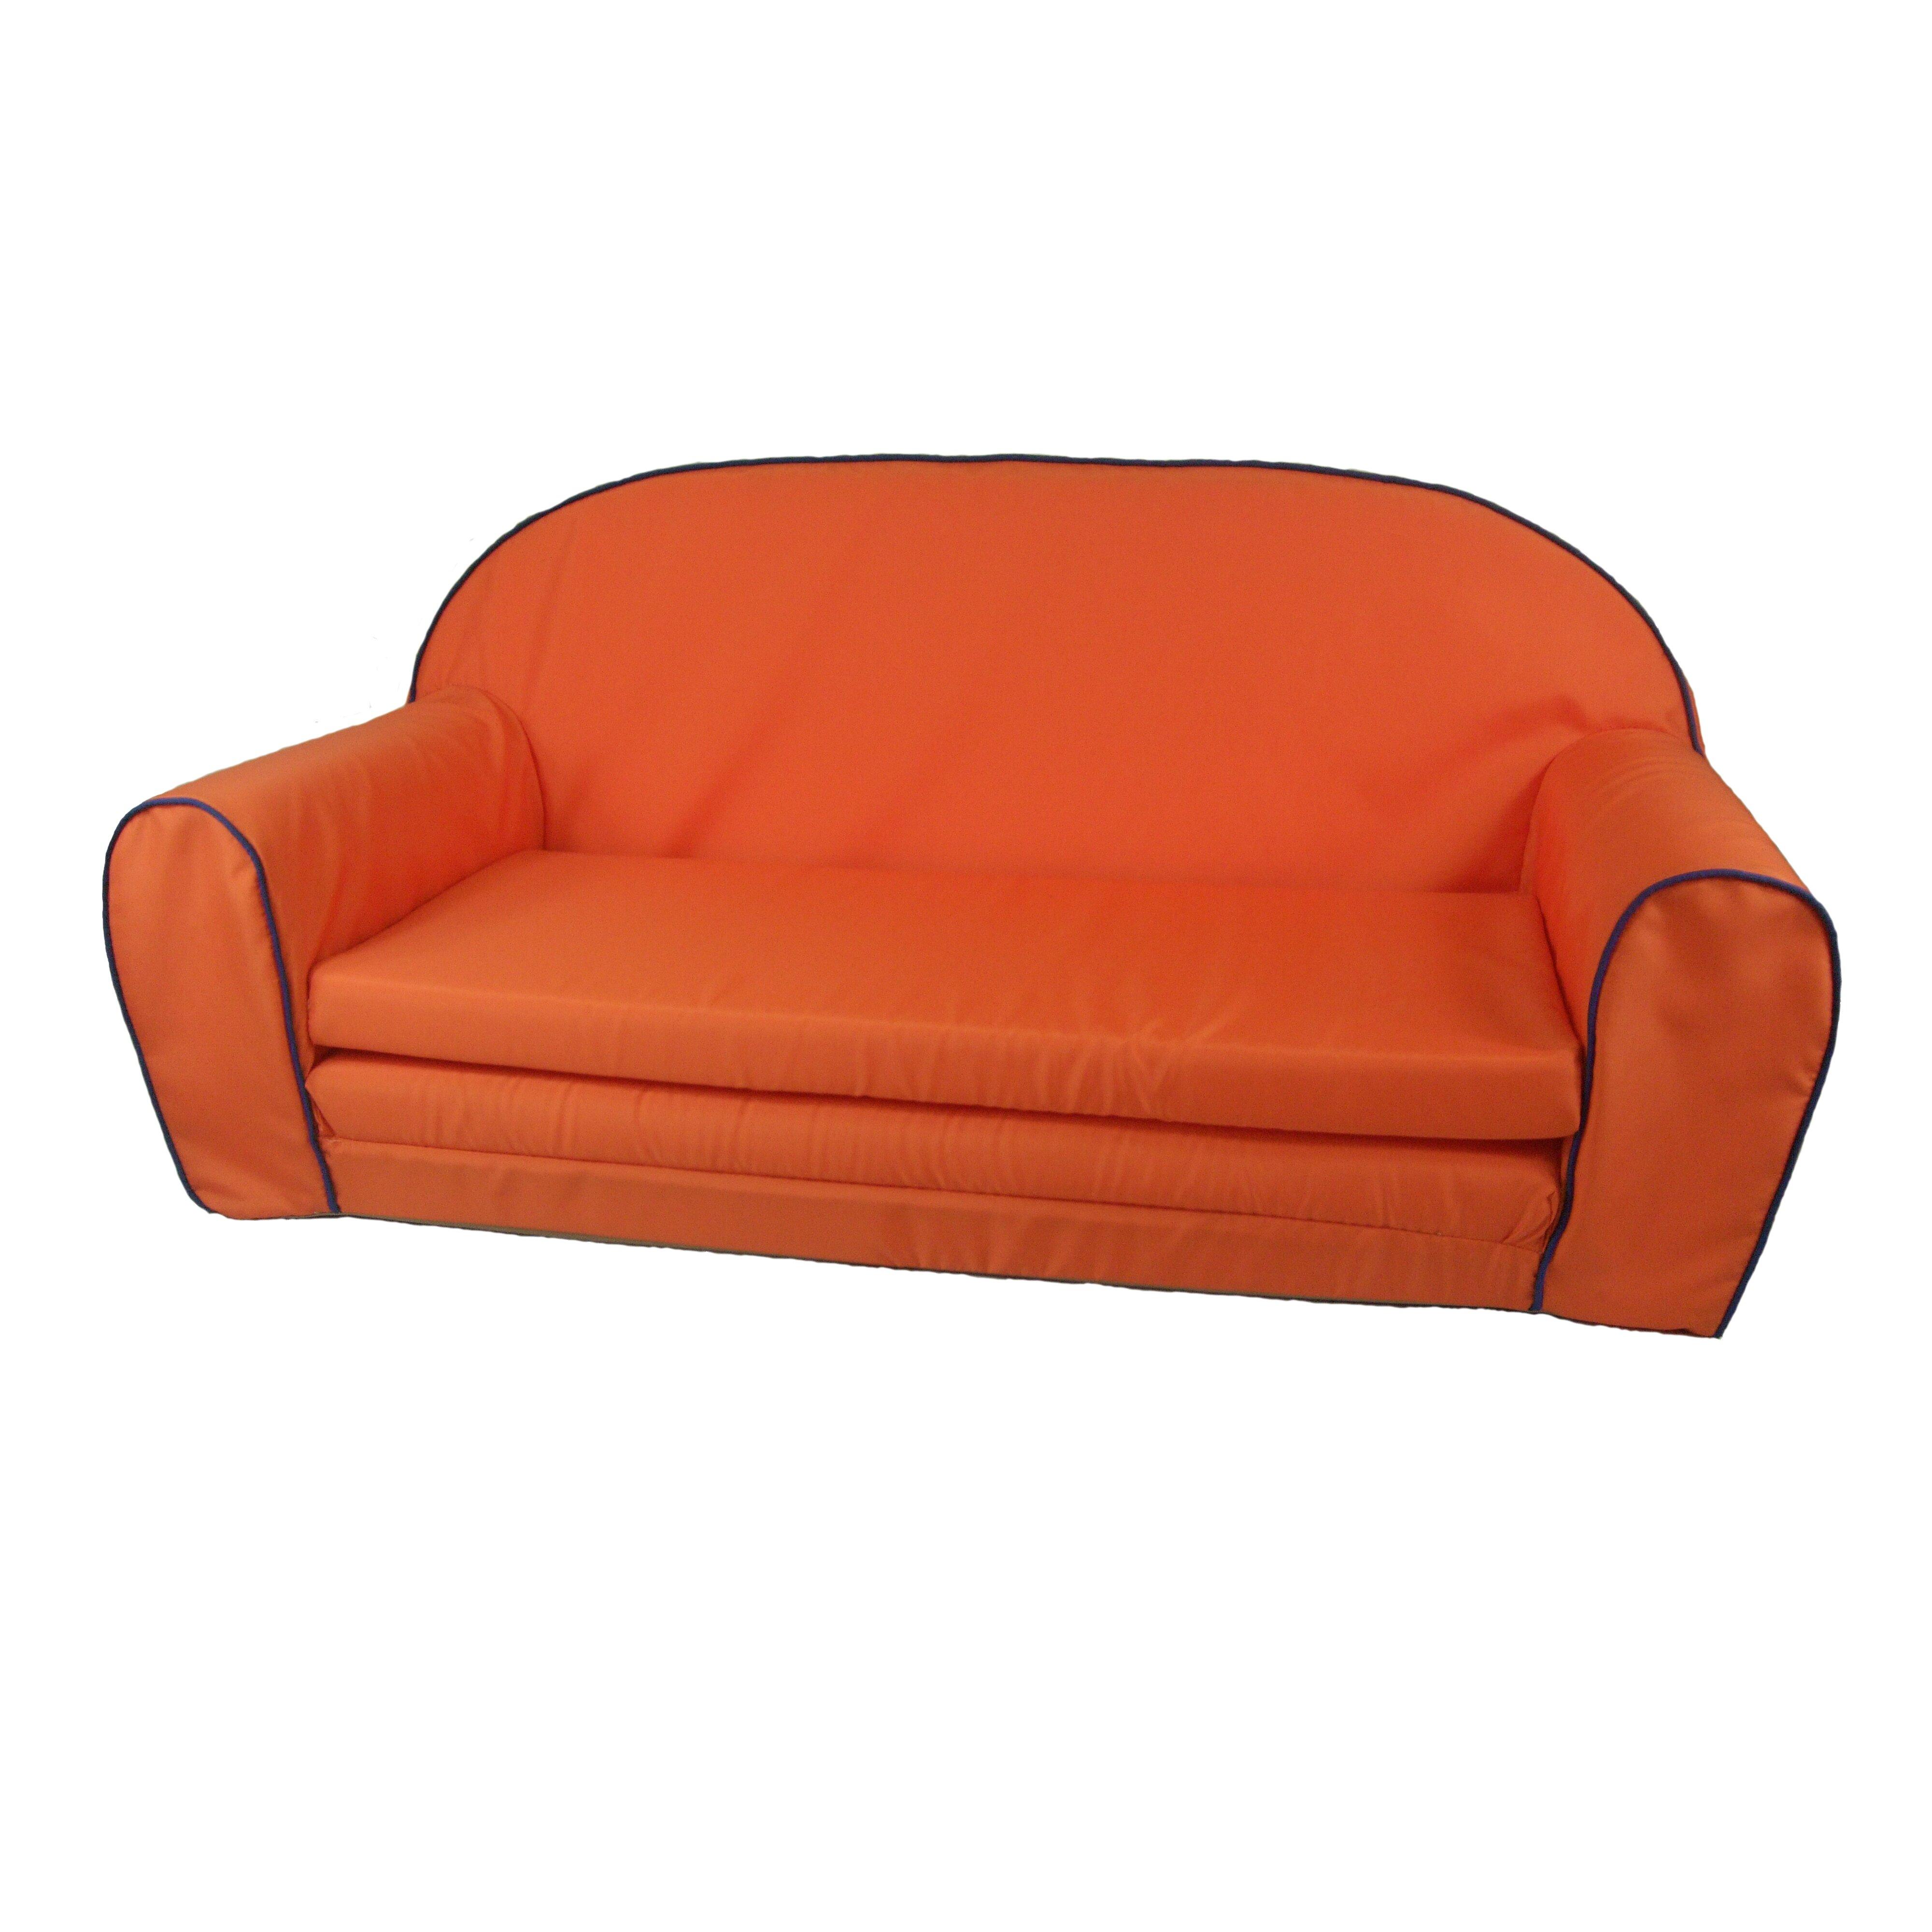 Wrigglebox playtime foam sofa bed reviews wayfair uk for Foam loveseat sofa bed